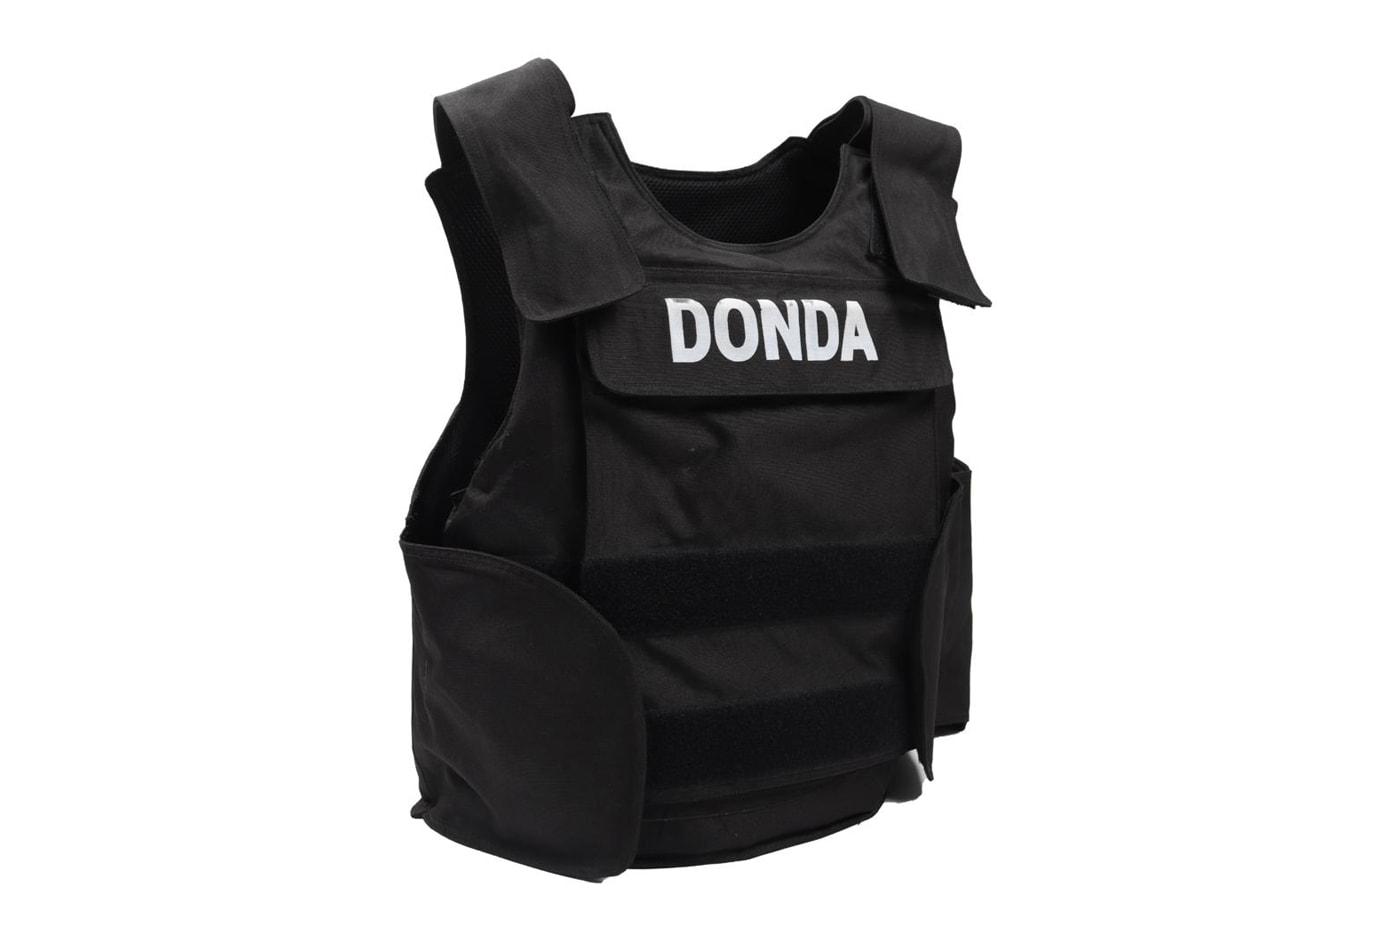 Kanye West 'DONDA' Bulletproof Vest